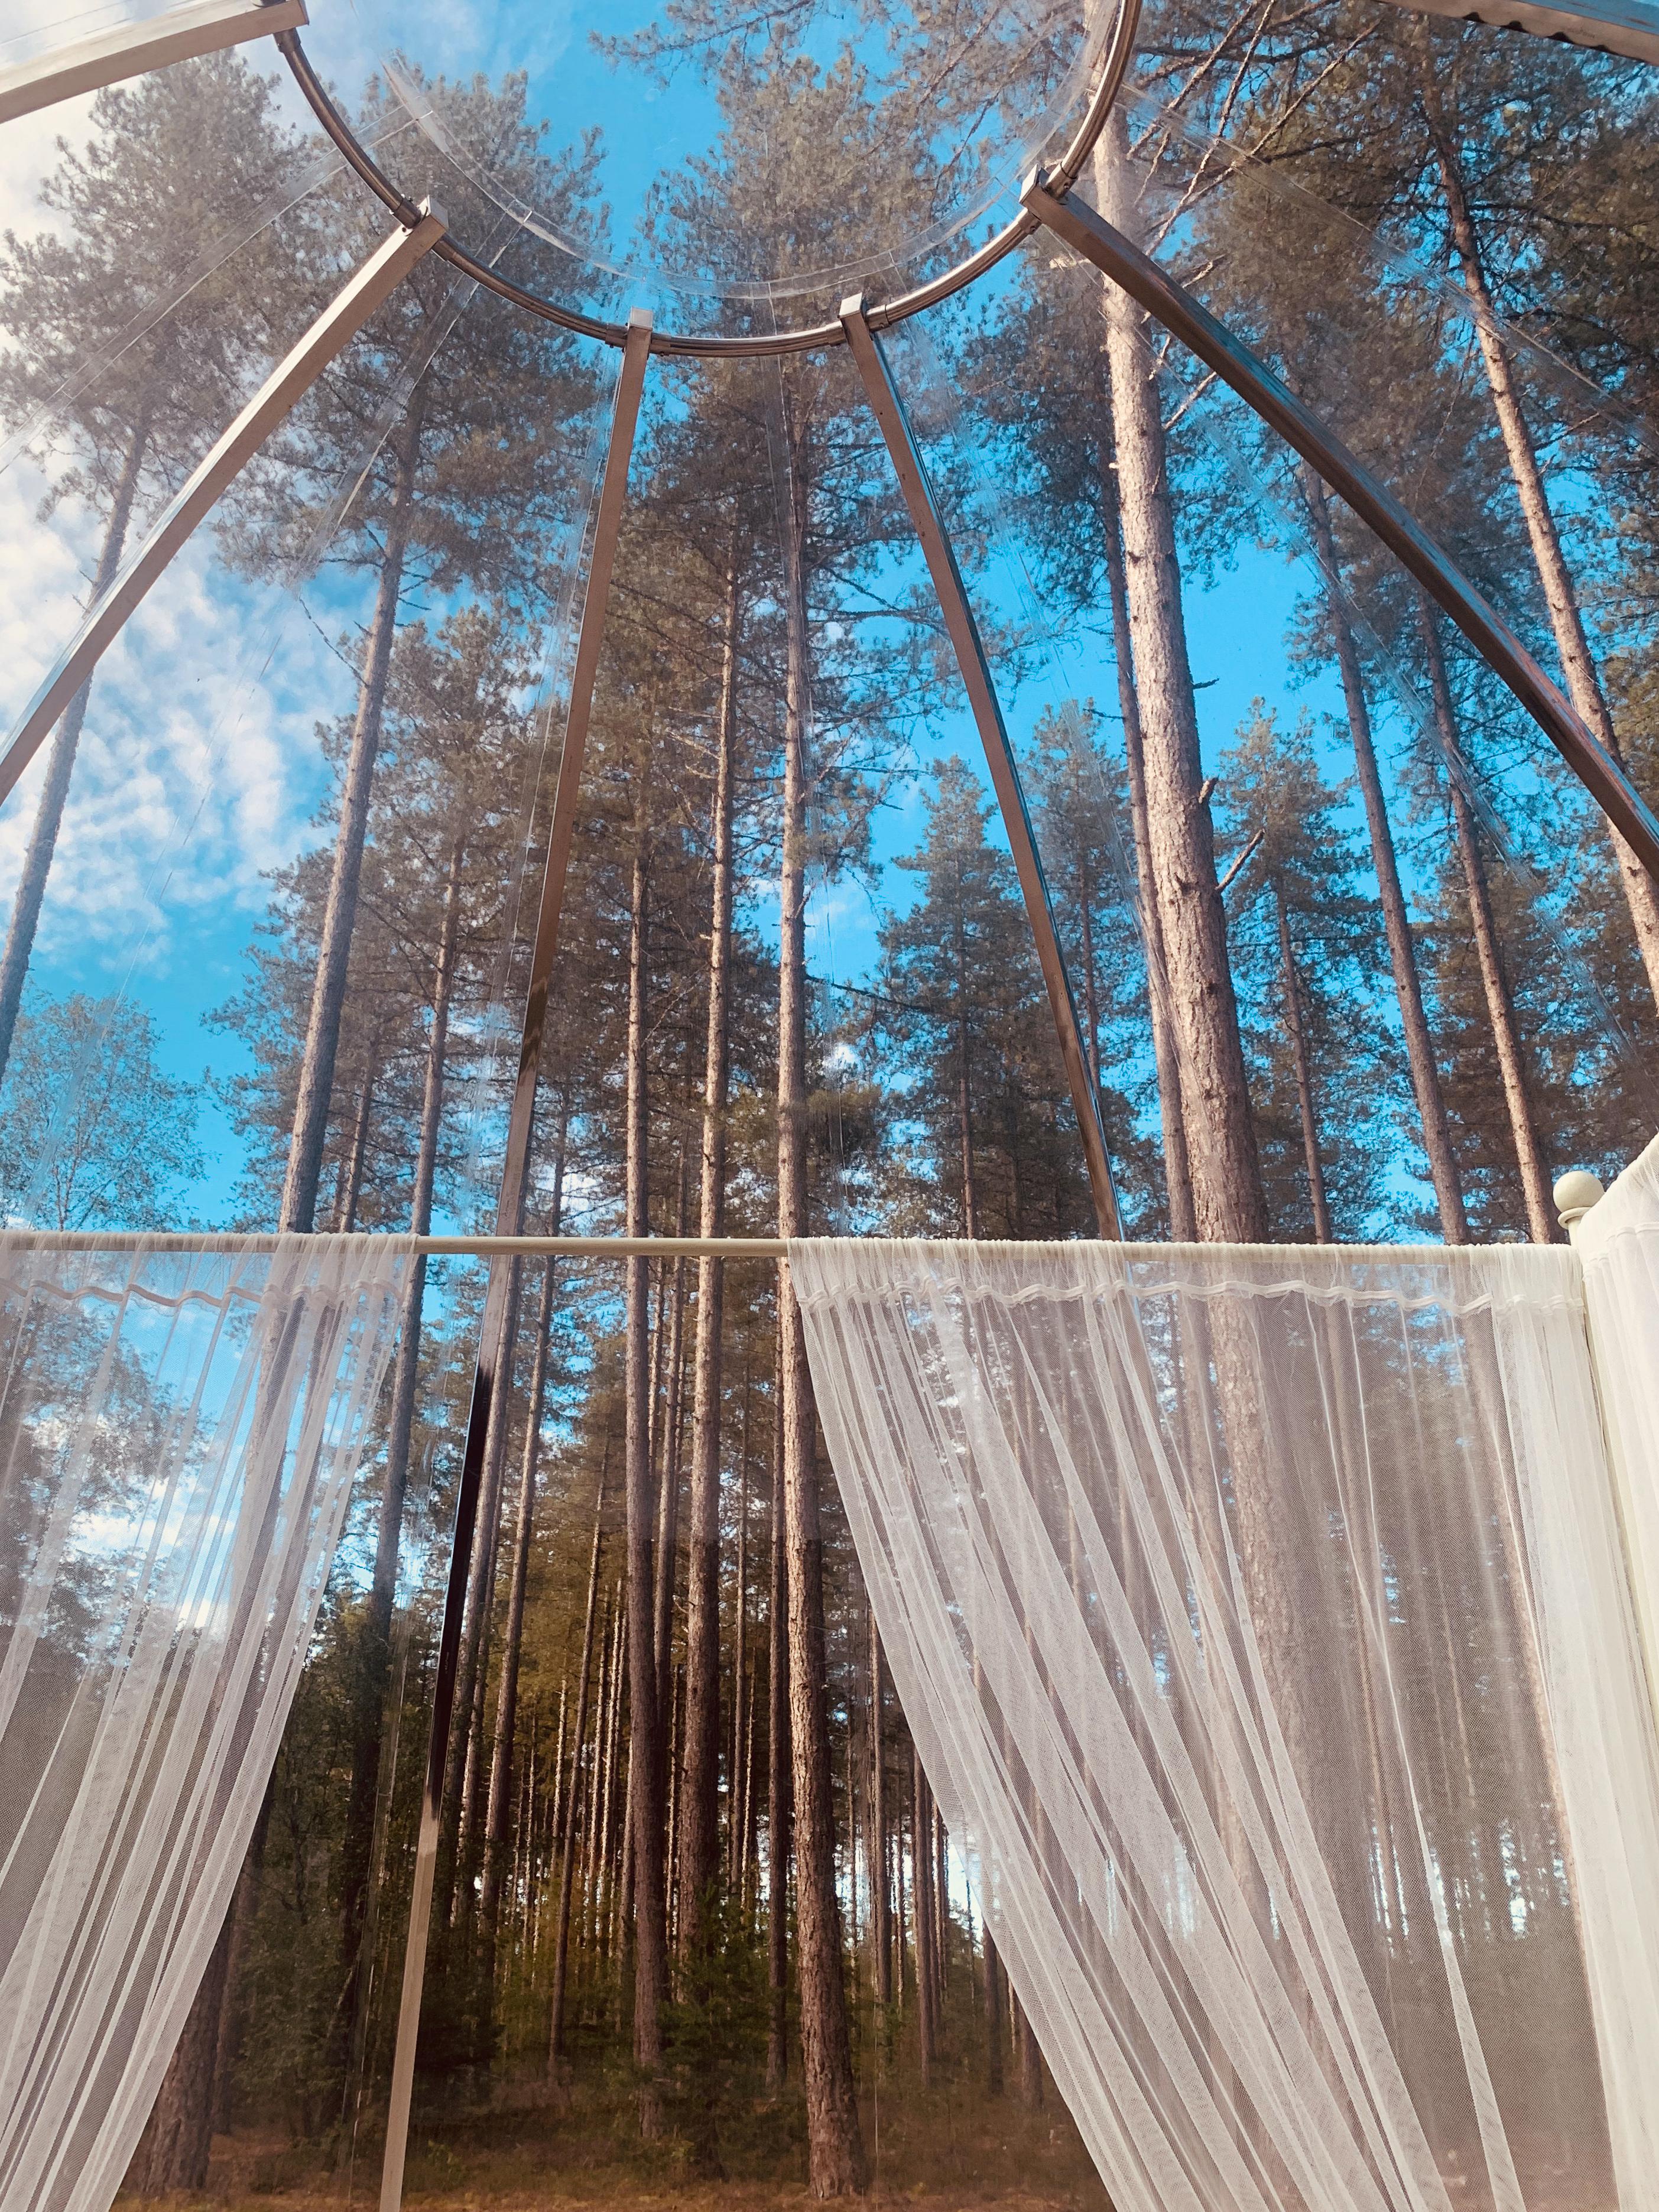 Bulles de Sologne | dormir dans une bulle | nuit insolite | nuit dans une bulle